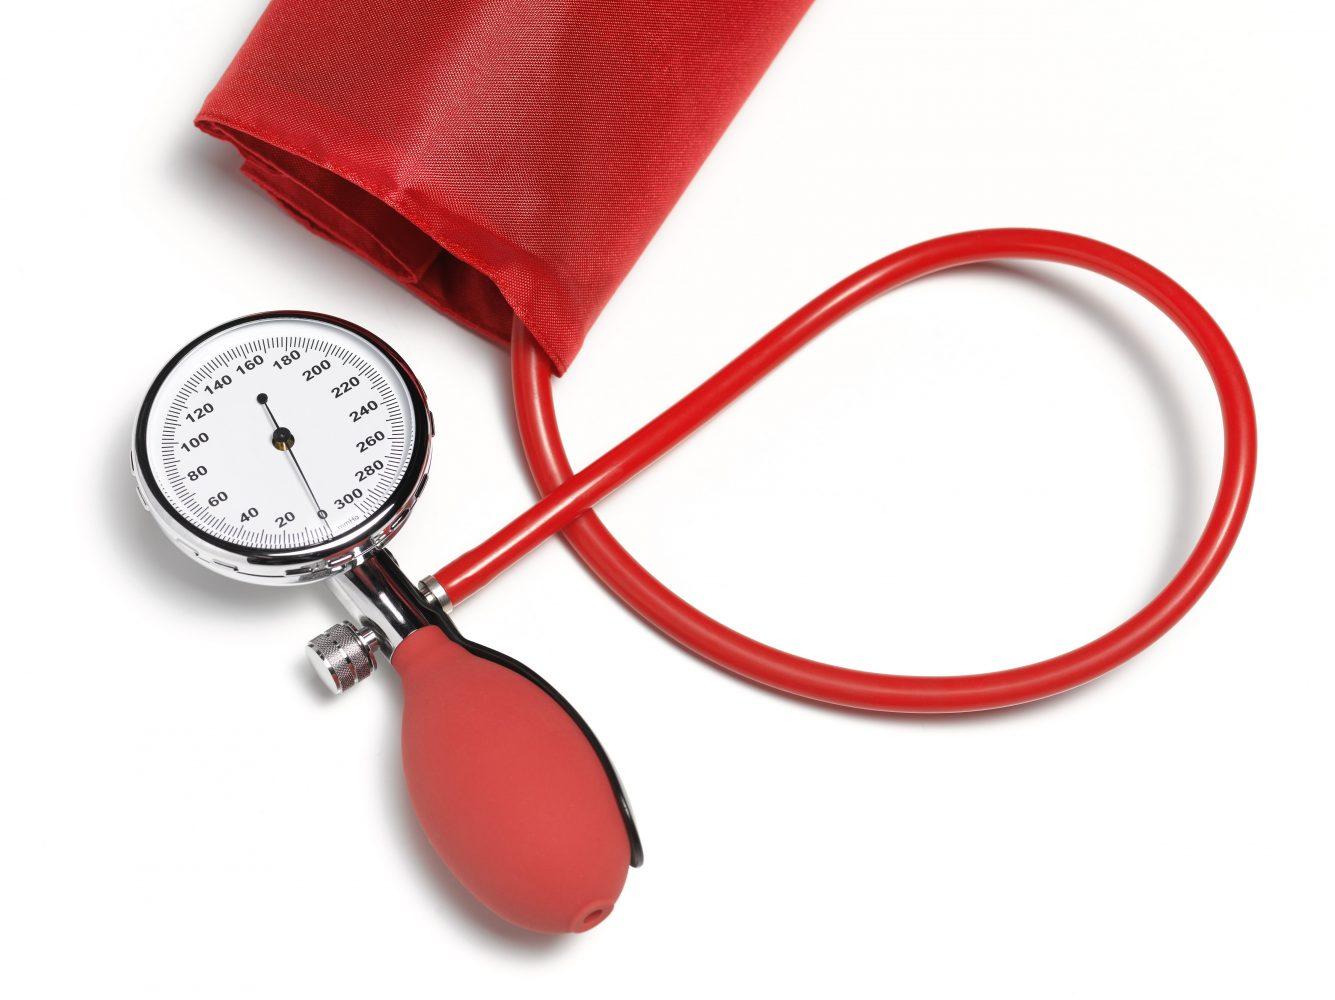 koja je razlika hipertenziju i hipertenzija grimizno i hipertenzija